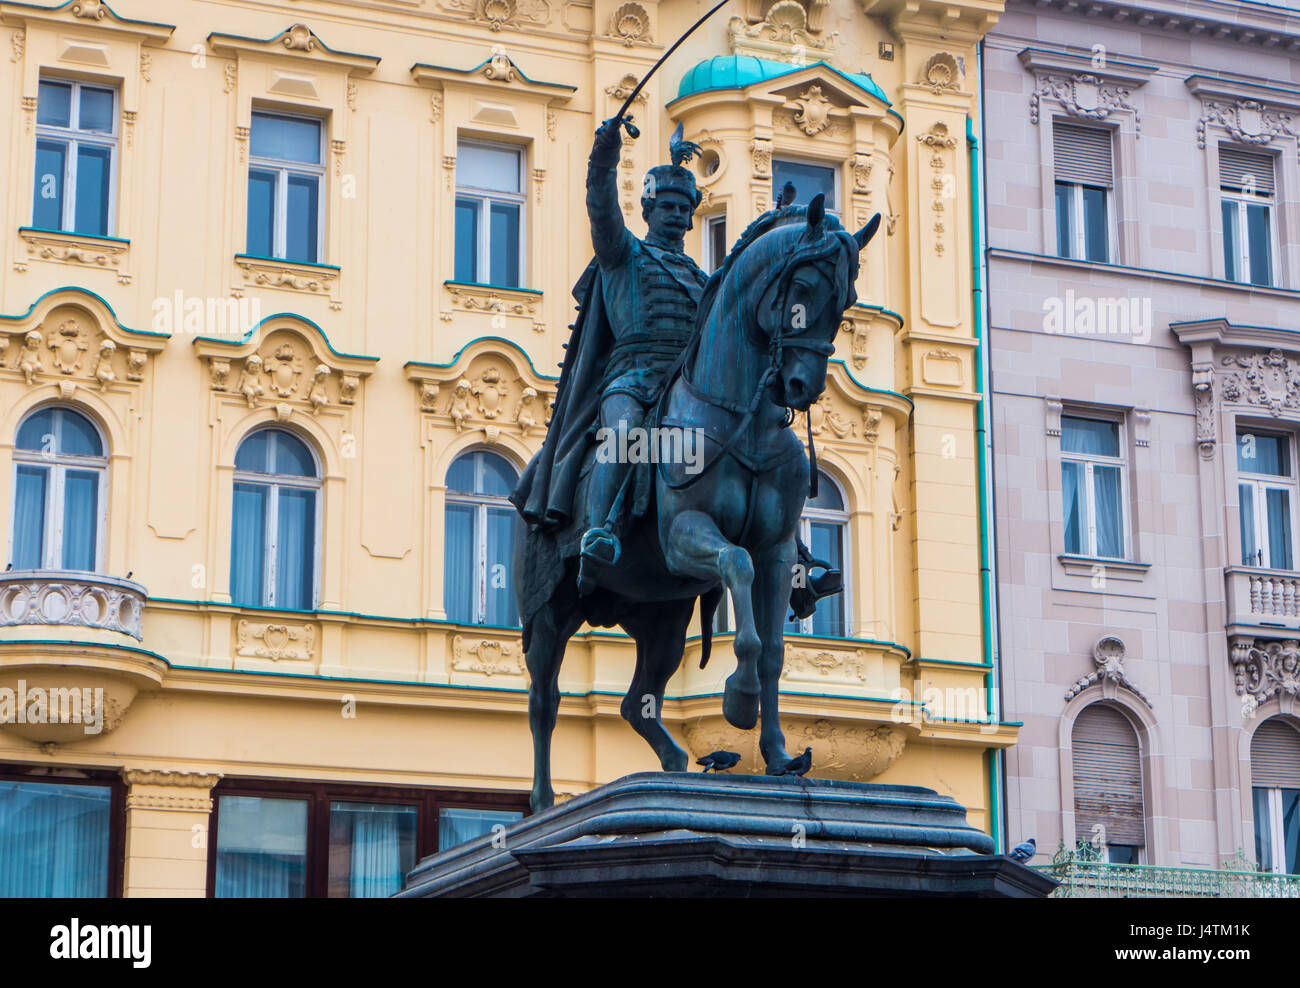 Ban Josip Jelacic monuemt in the central square in Zagreb, Croatia. Stock Photo